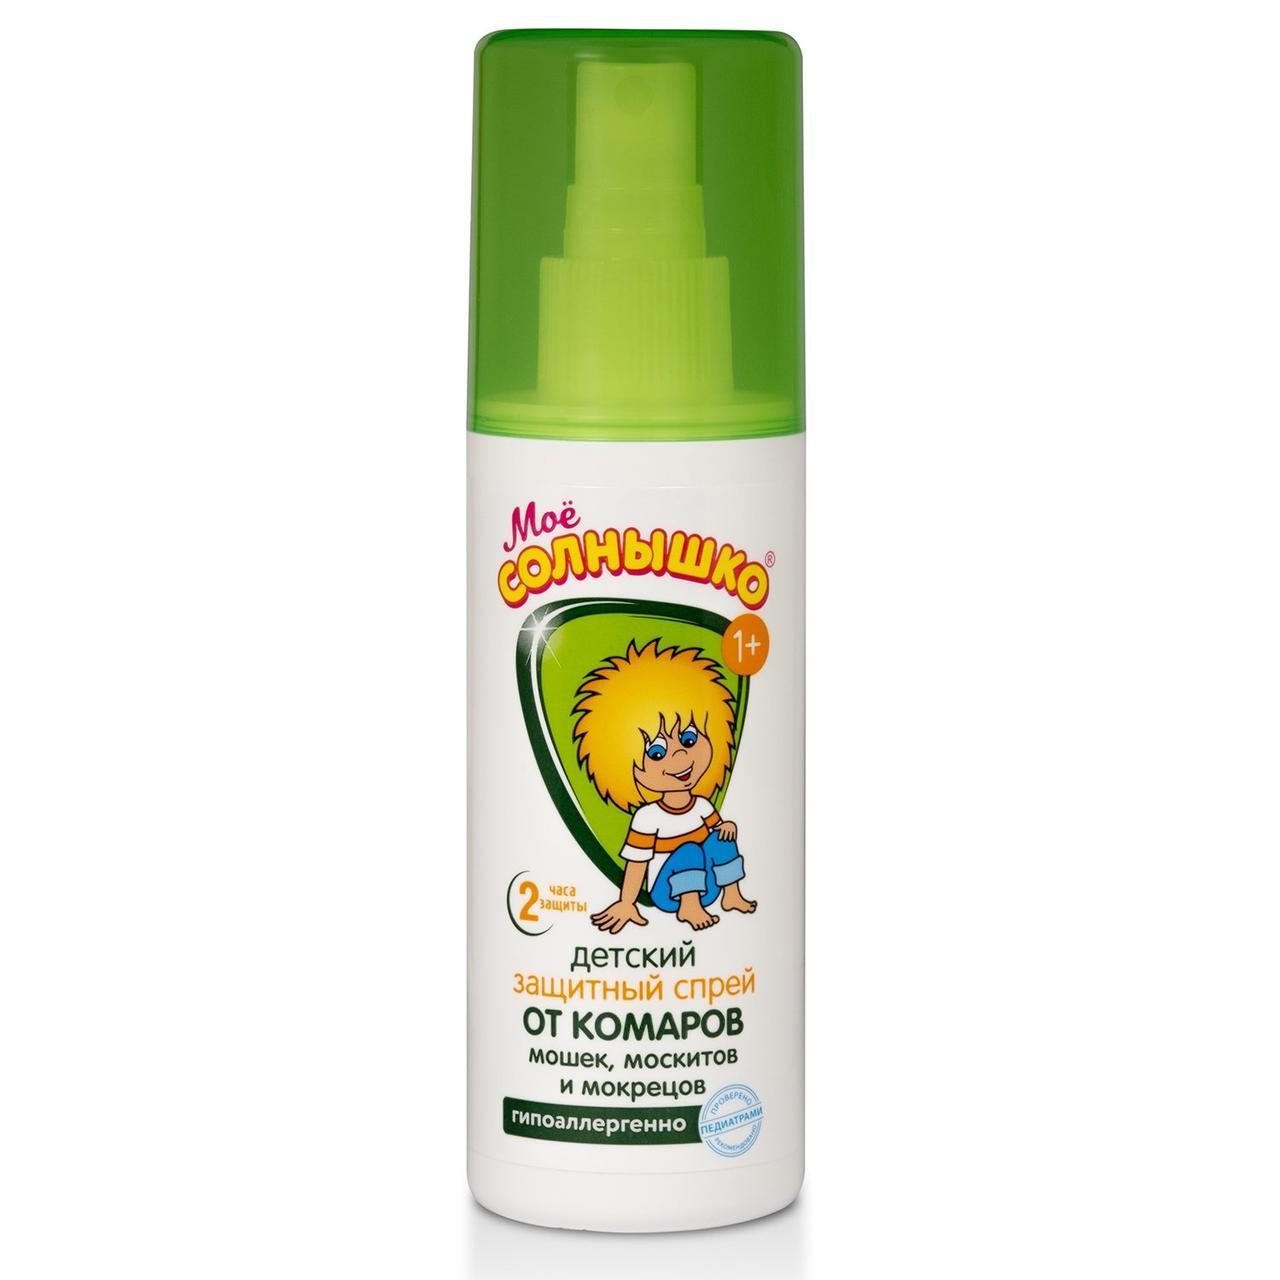 Мое солнышко защитный спрей от комаров с года 100мл детский